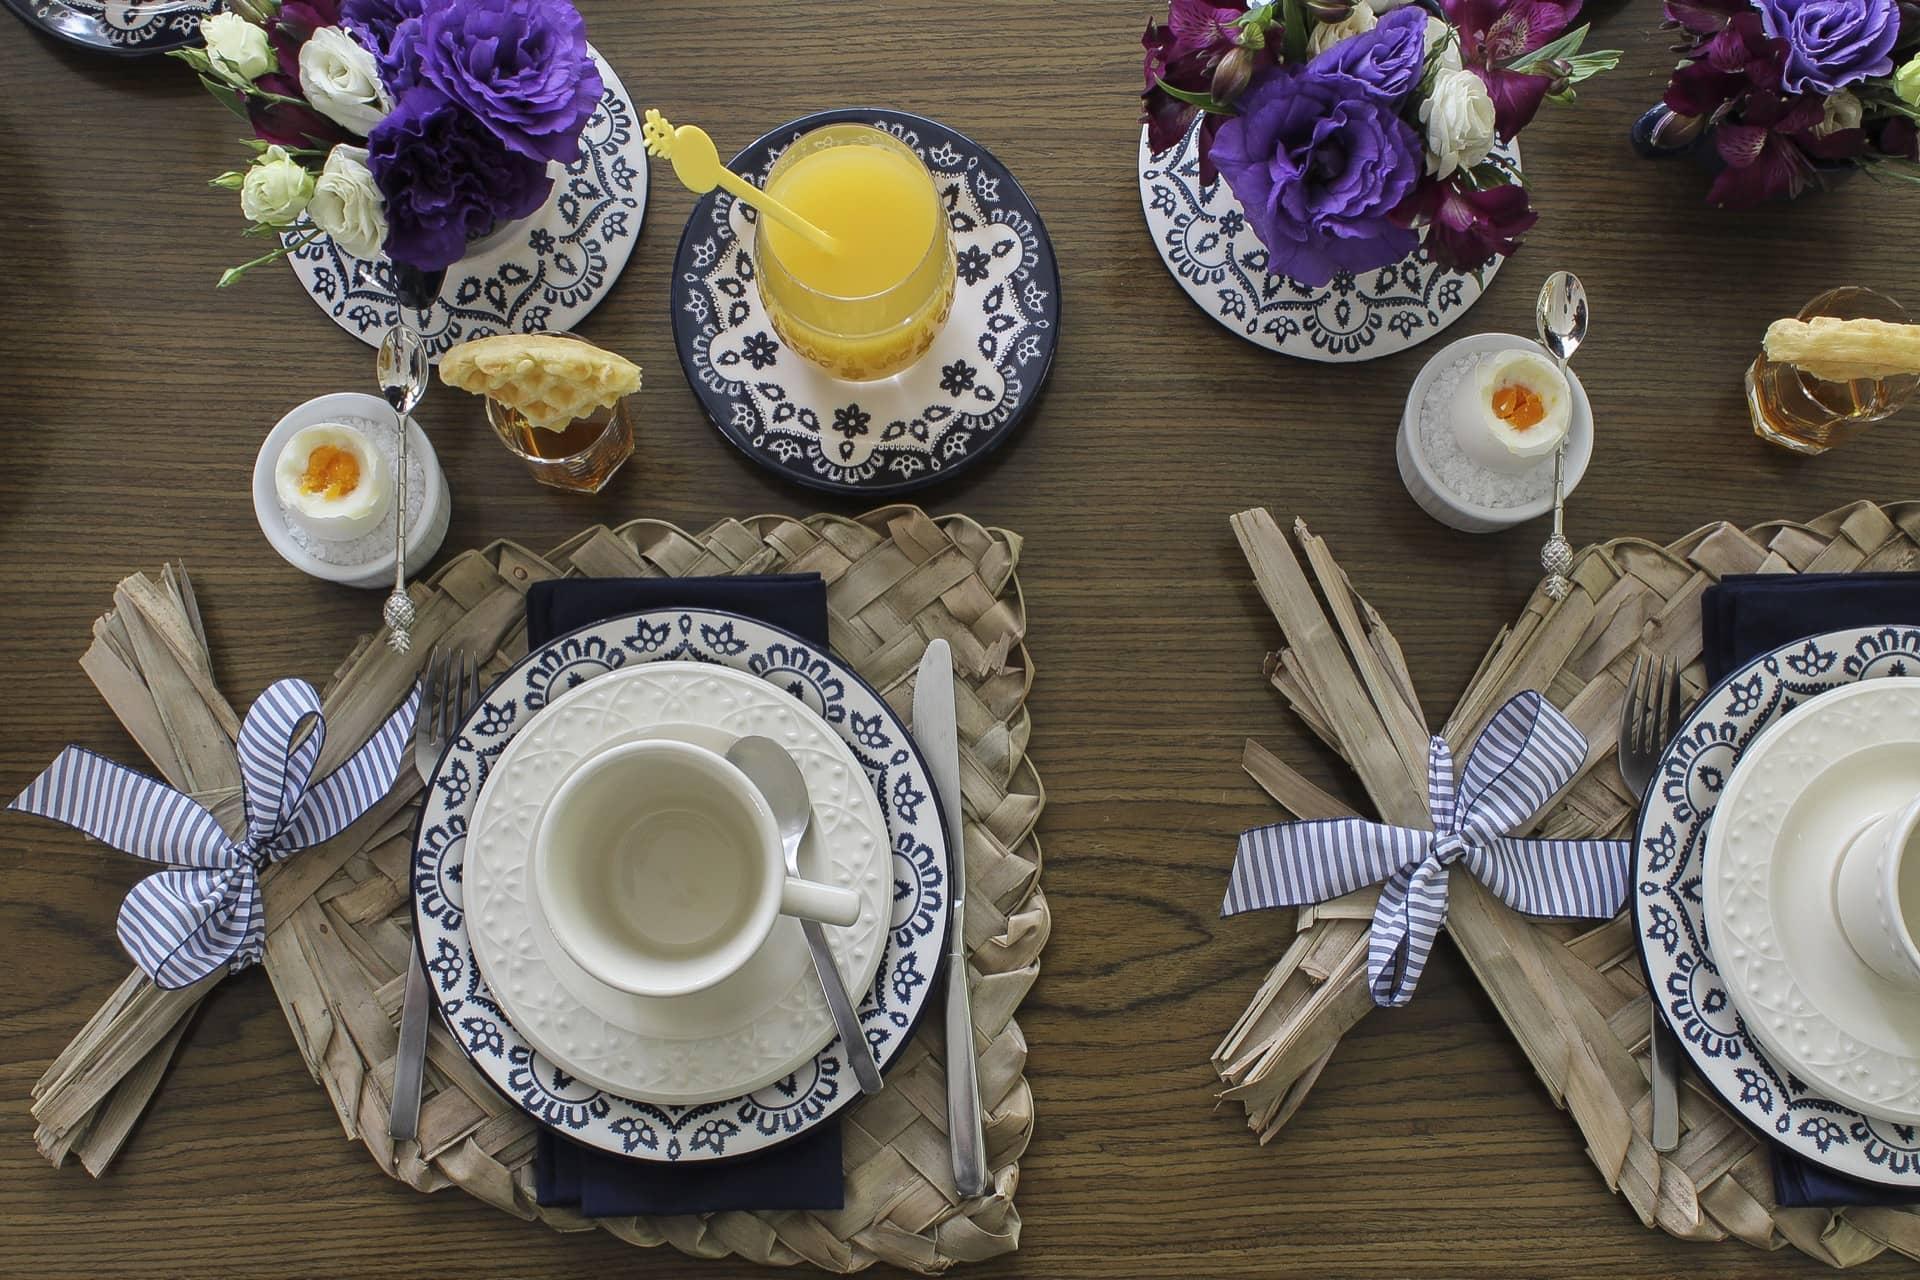 Imagem: Mistura das louças Floreal Energy e Mendi Marfim para um café da manhã incrível. Produção: Claudia Pixu. Foto: Cacá Bratke.